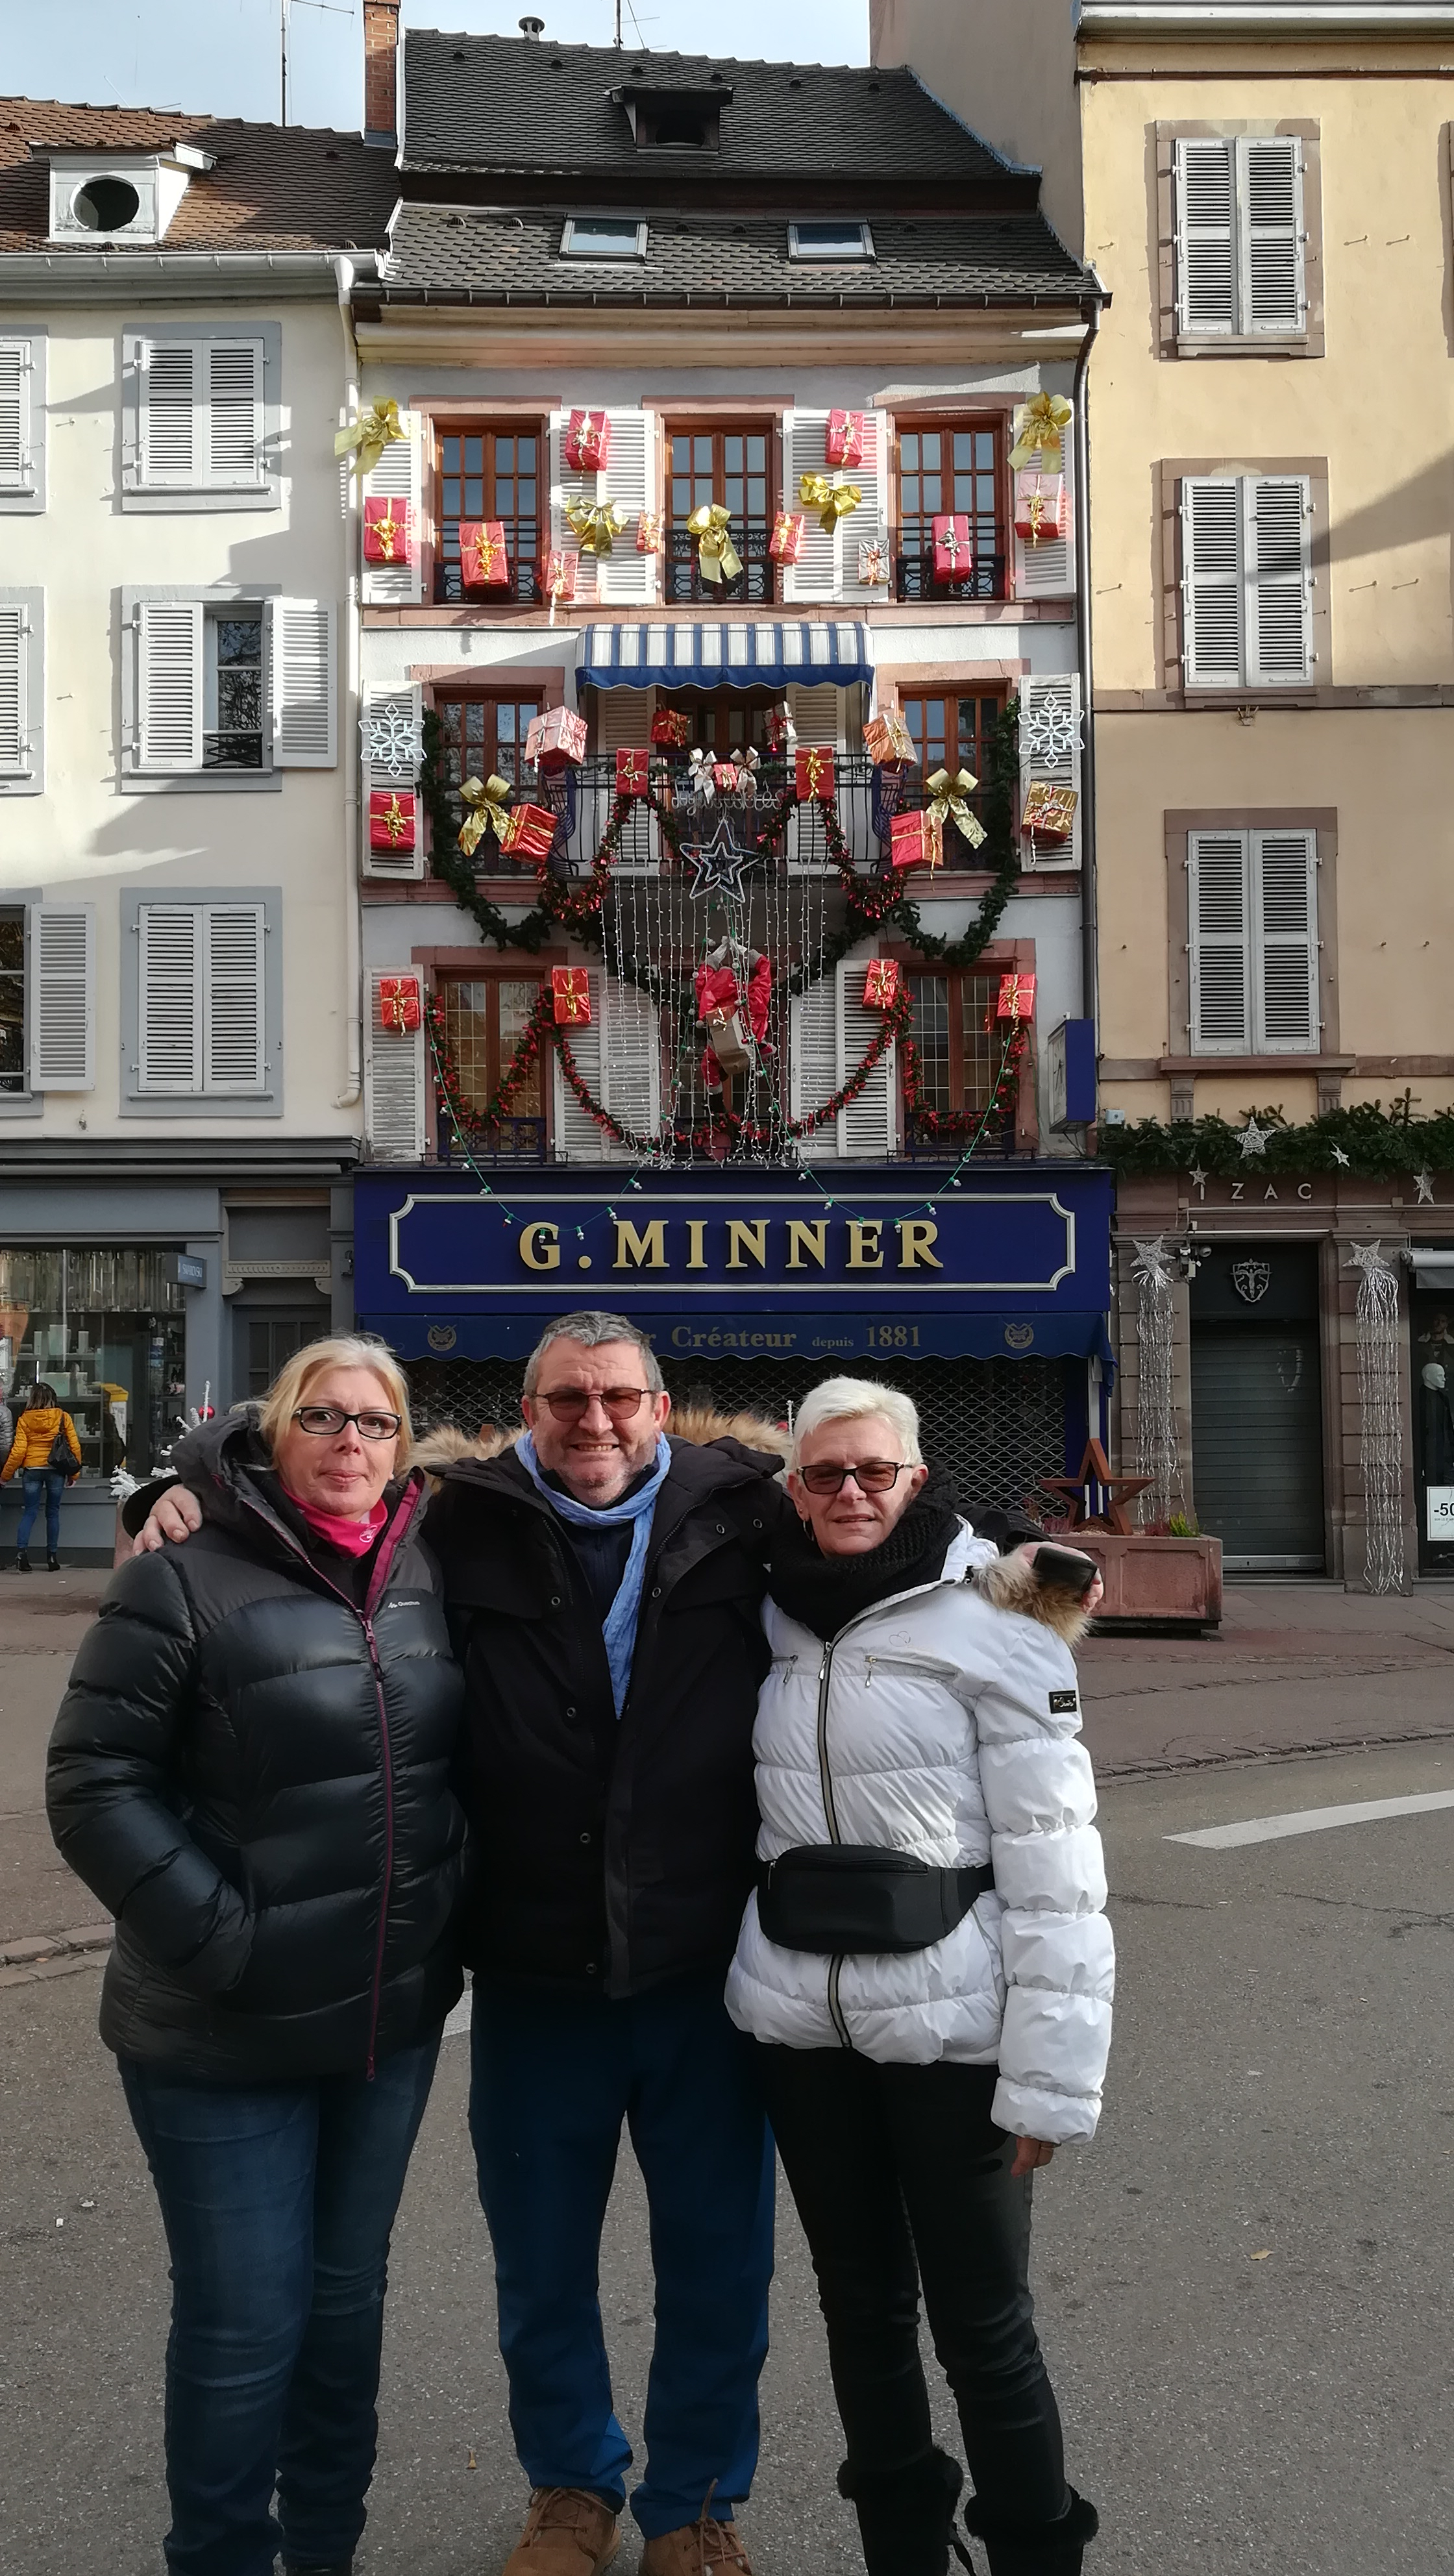 TOURNOI DU ST NICOLAS ET MARCHÉS DE NOEL EN ALSACE 7 DECEMBRE 2019